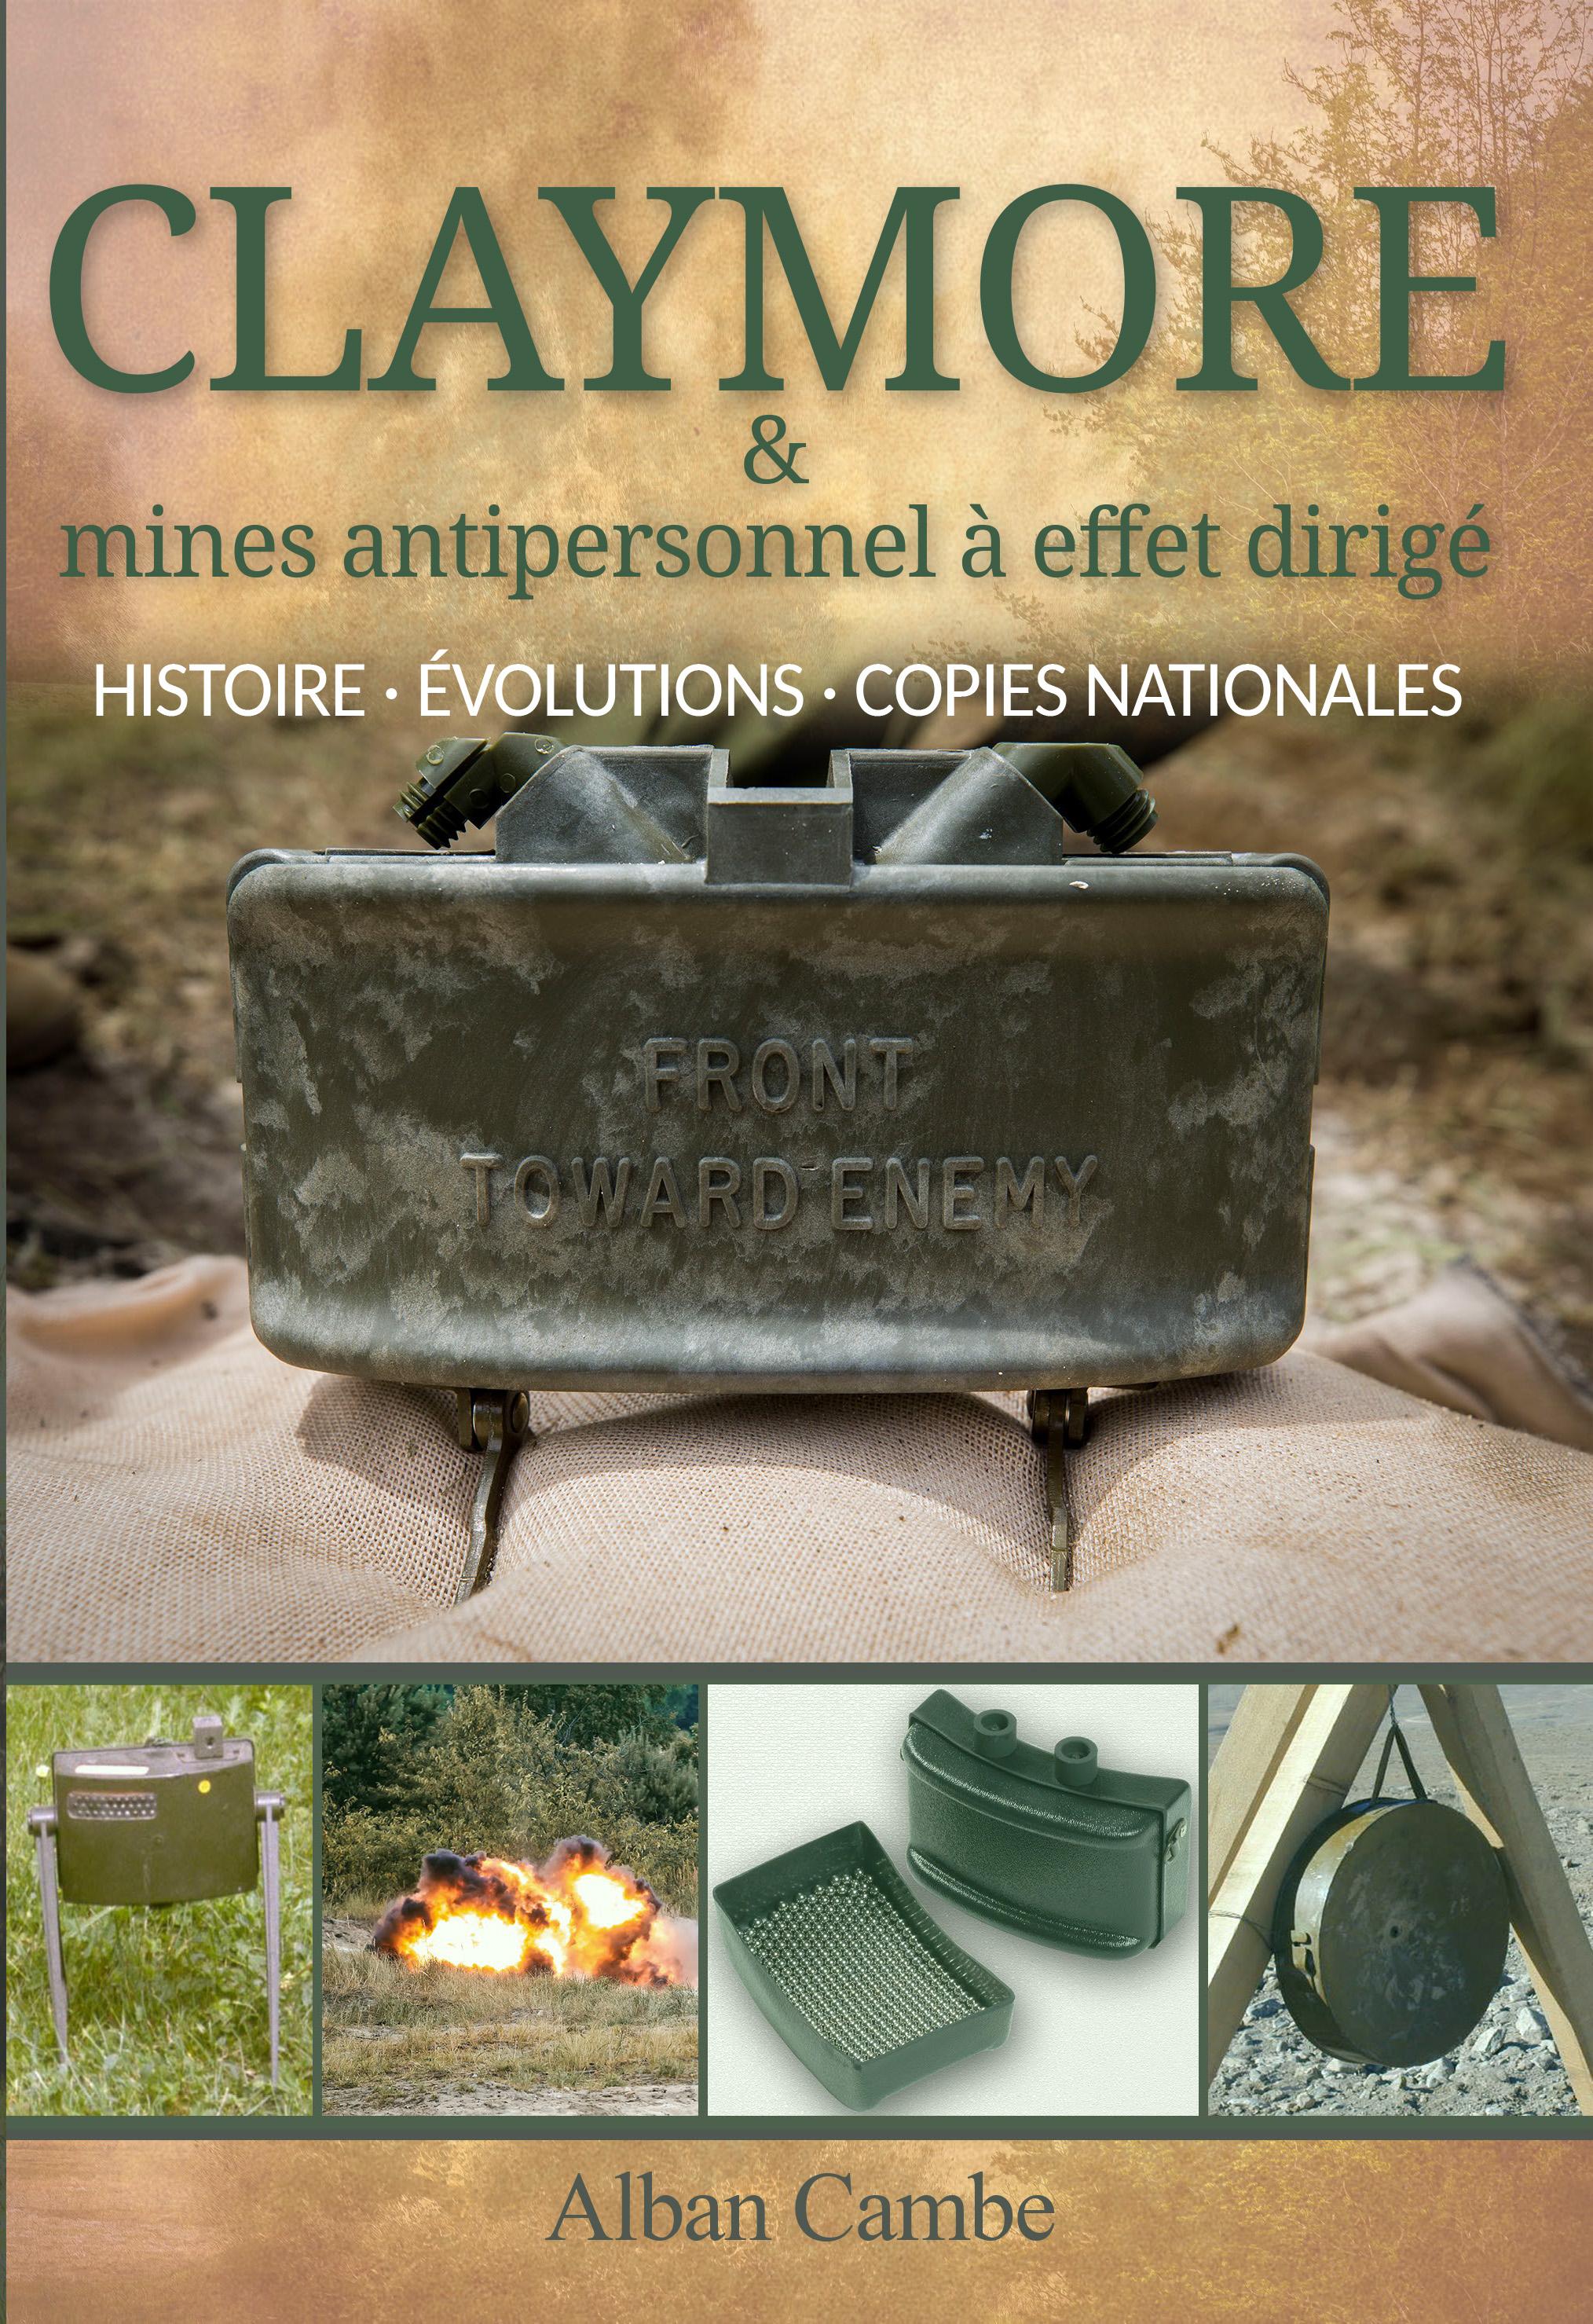 Les mines M18 Claymore et M18A1 : histoire et évolutions.